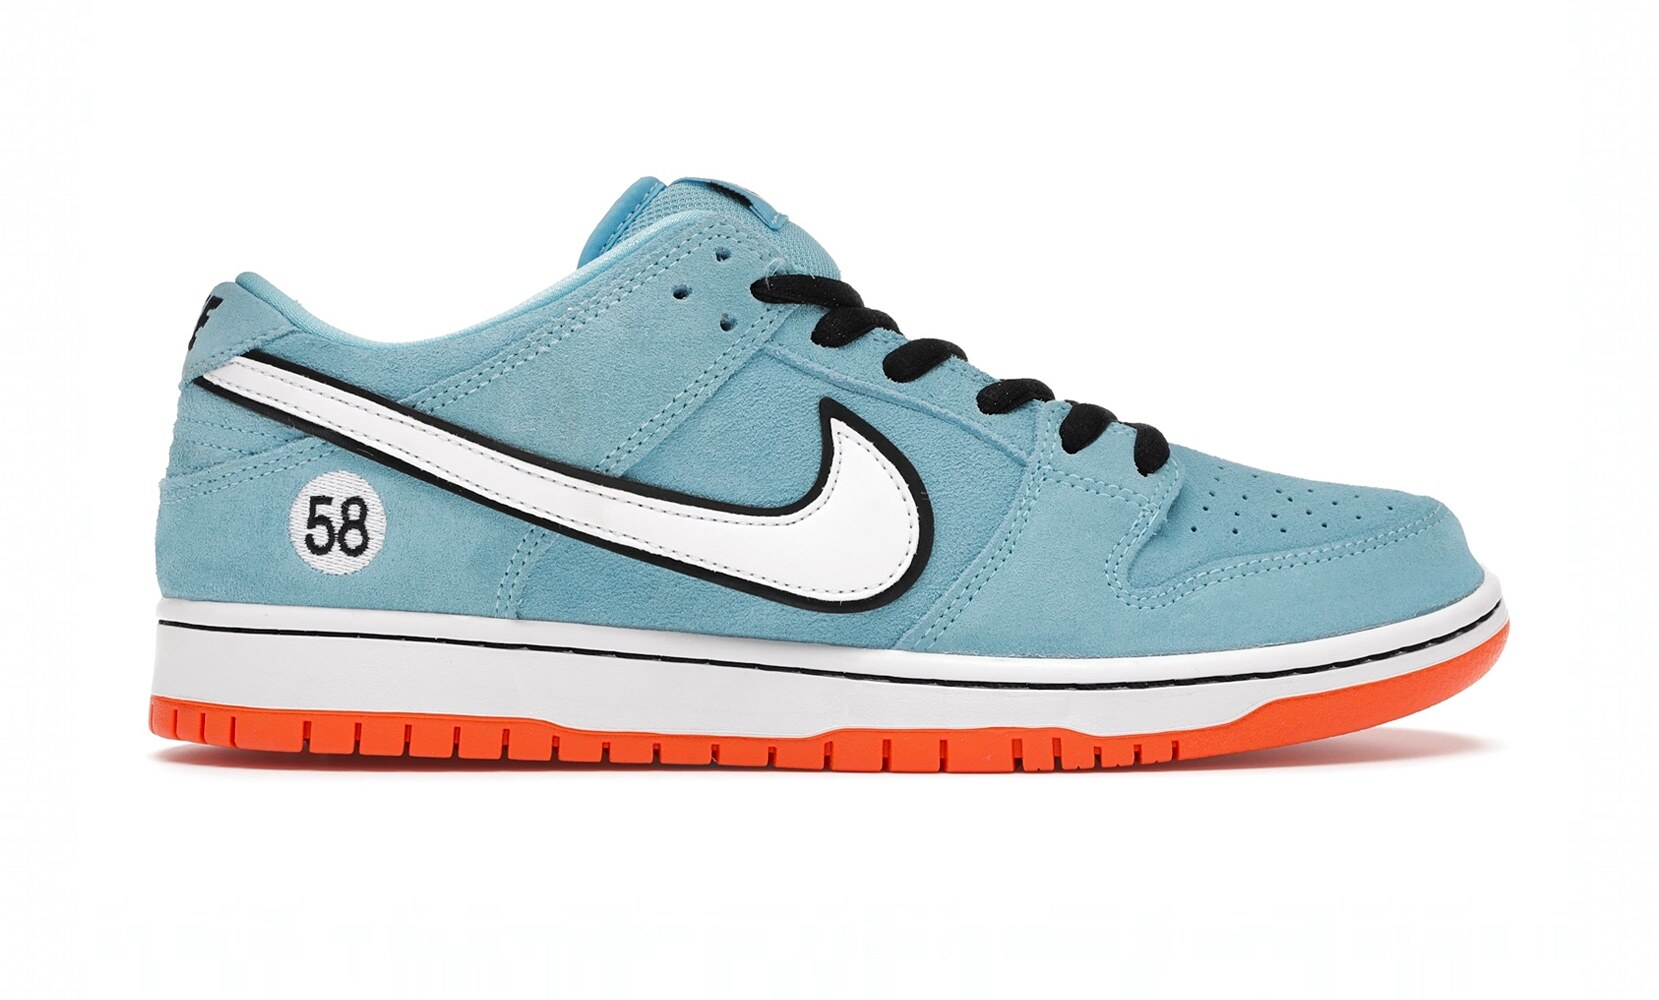 Nike SB Dunk Low Club 58 Gulf